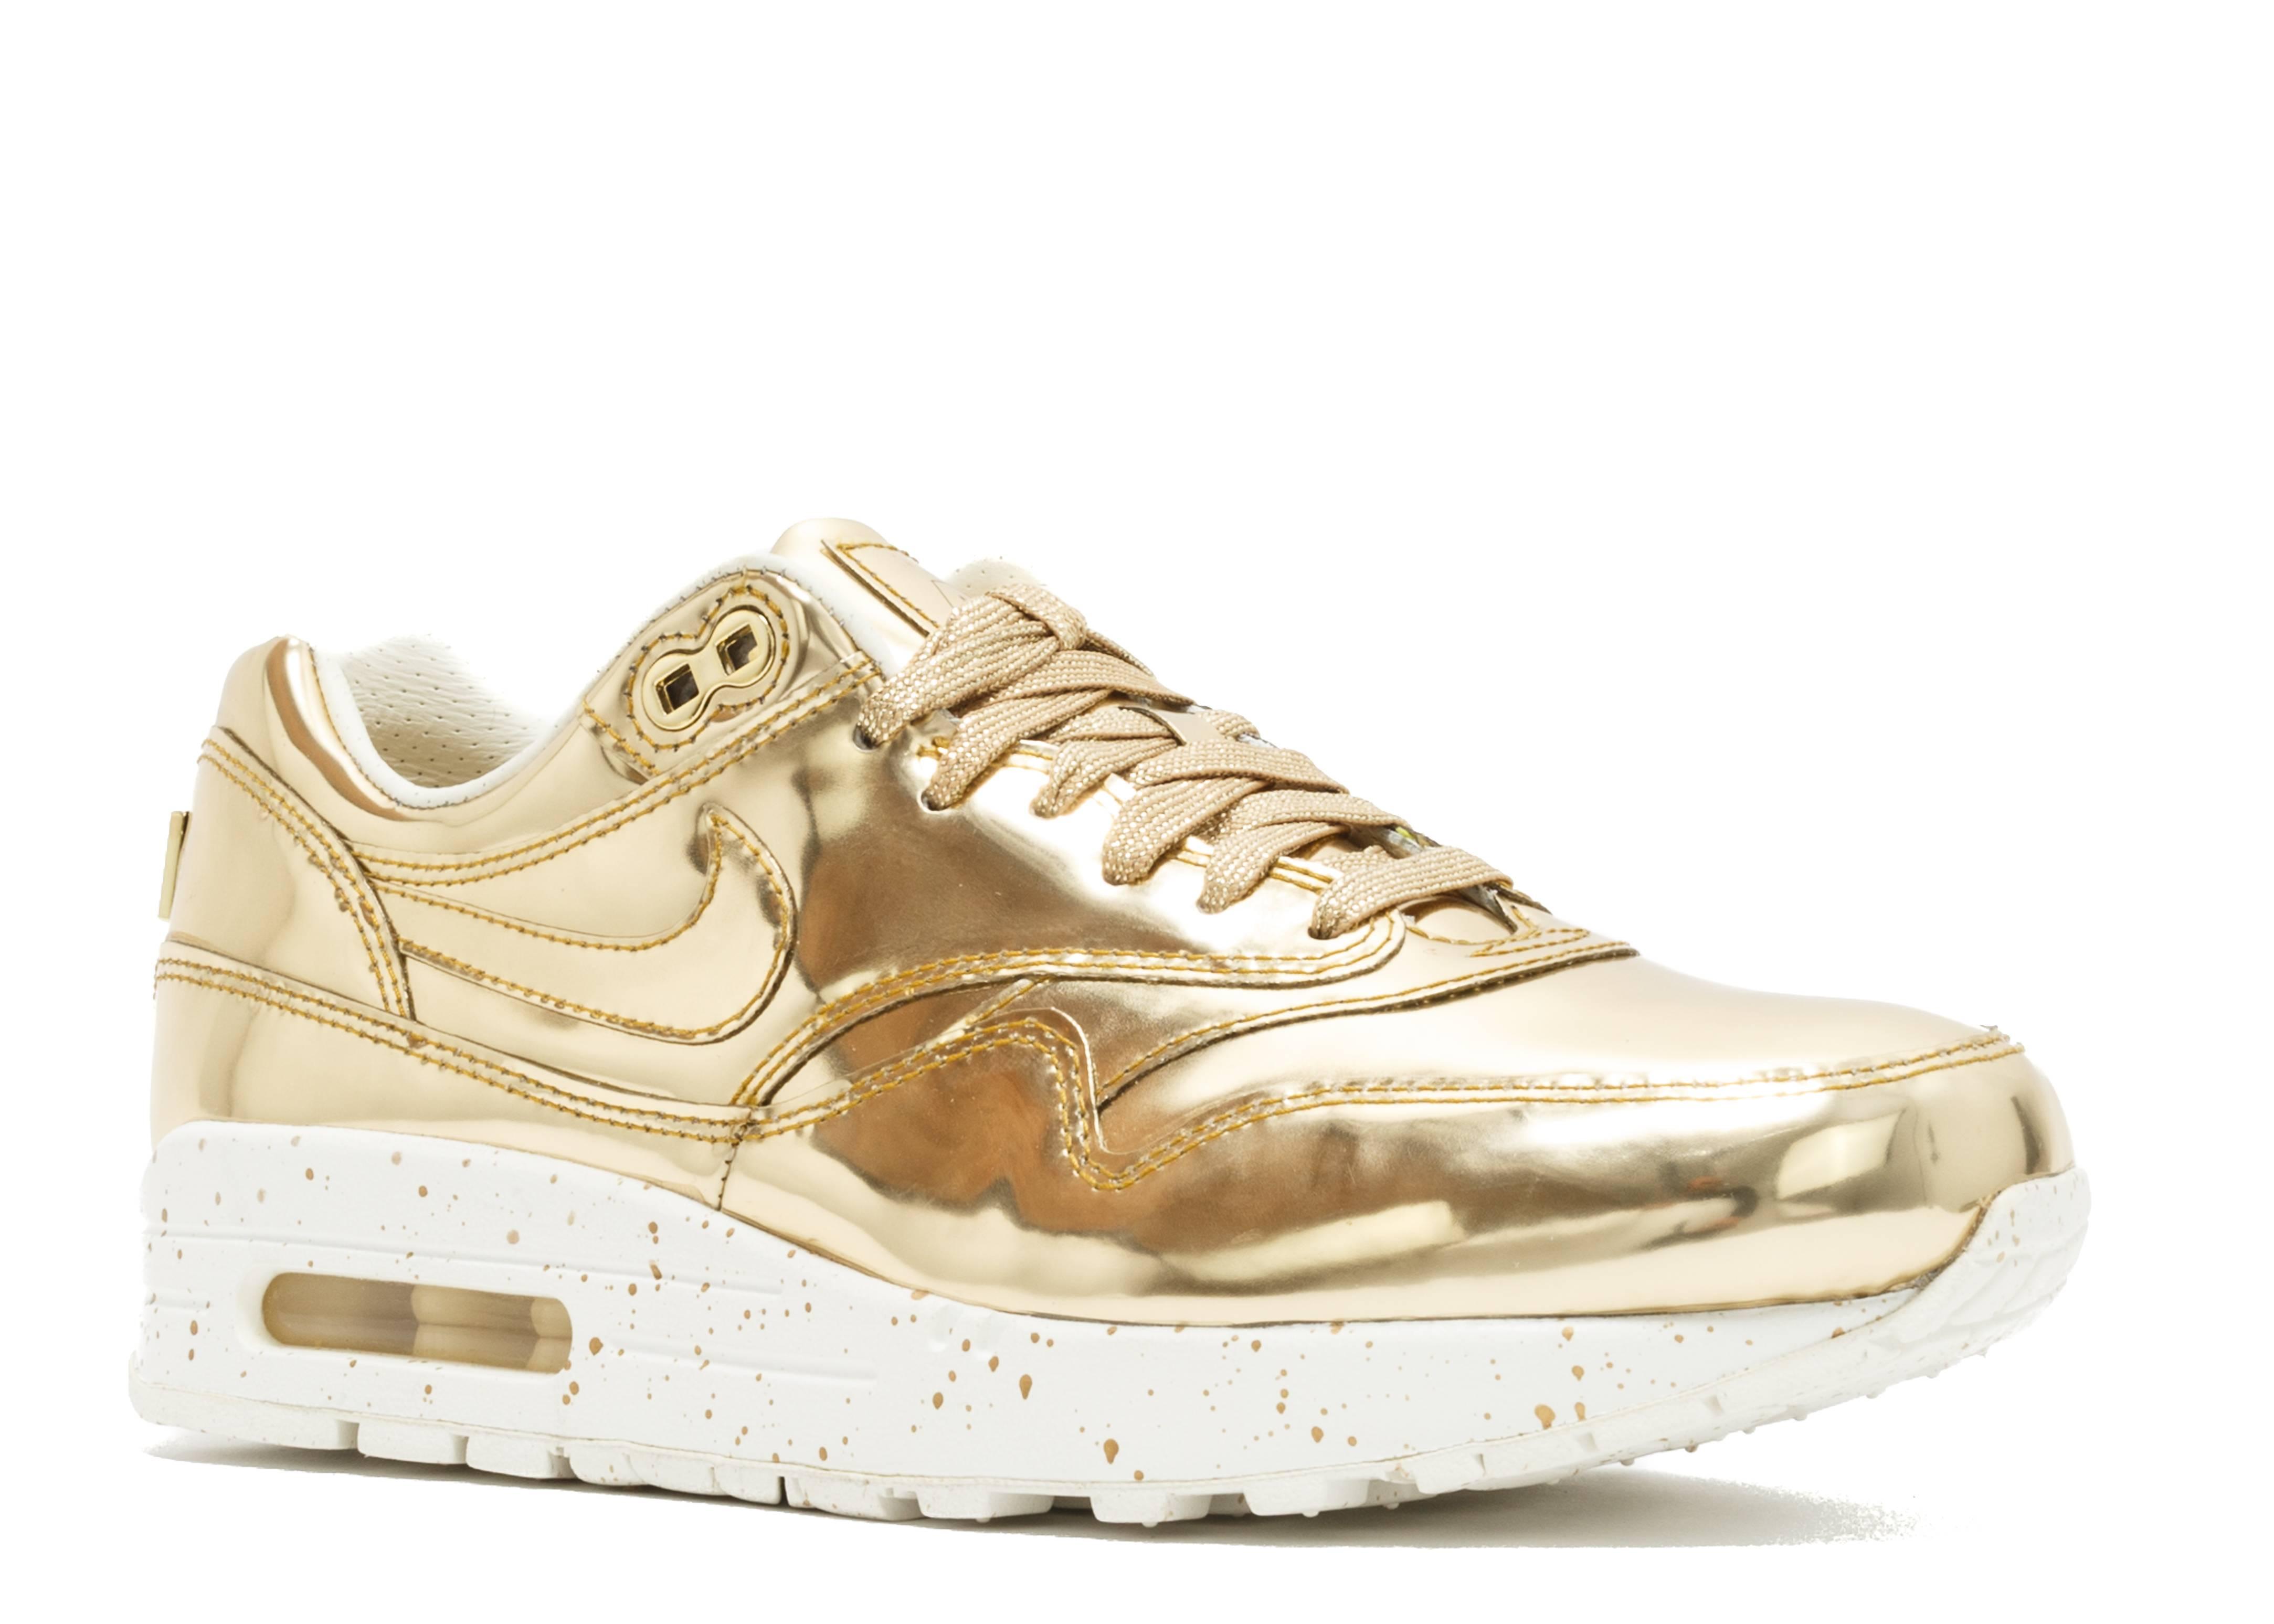 Nike AIR MAX 1 SP 'Liquid Gold' 635786 770: